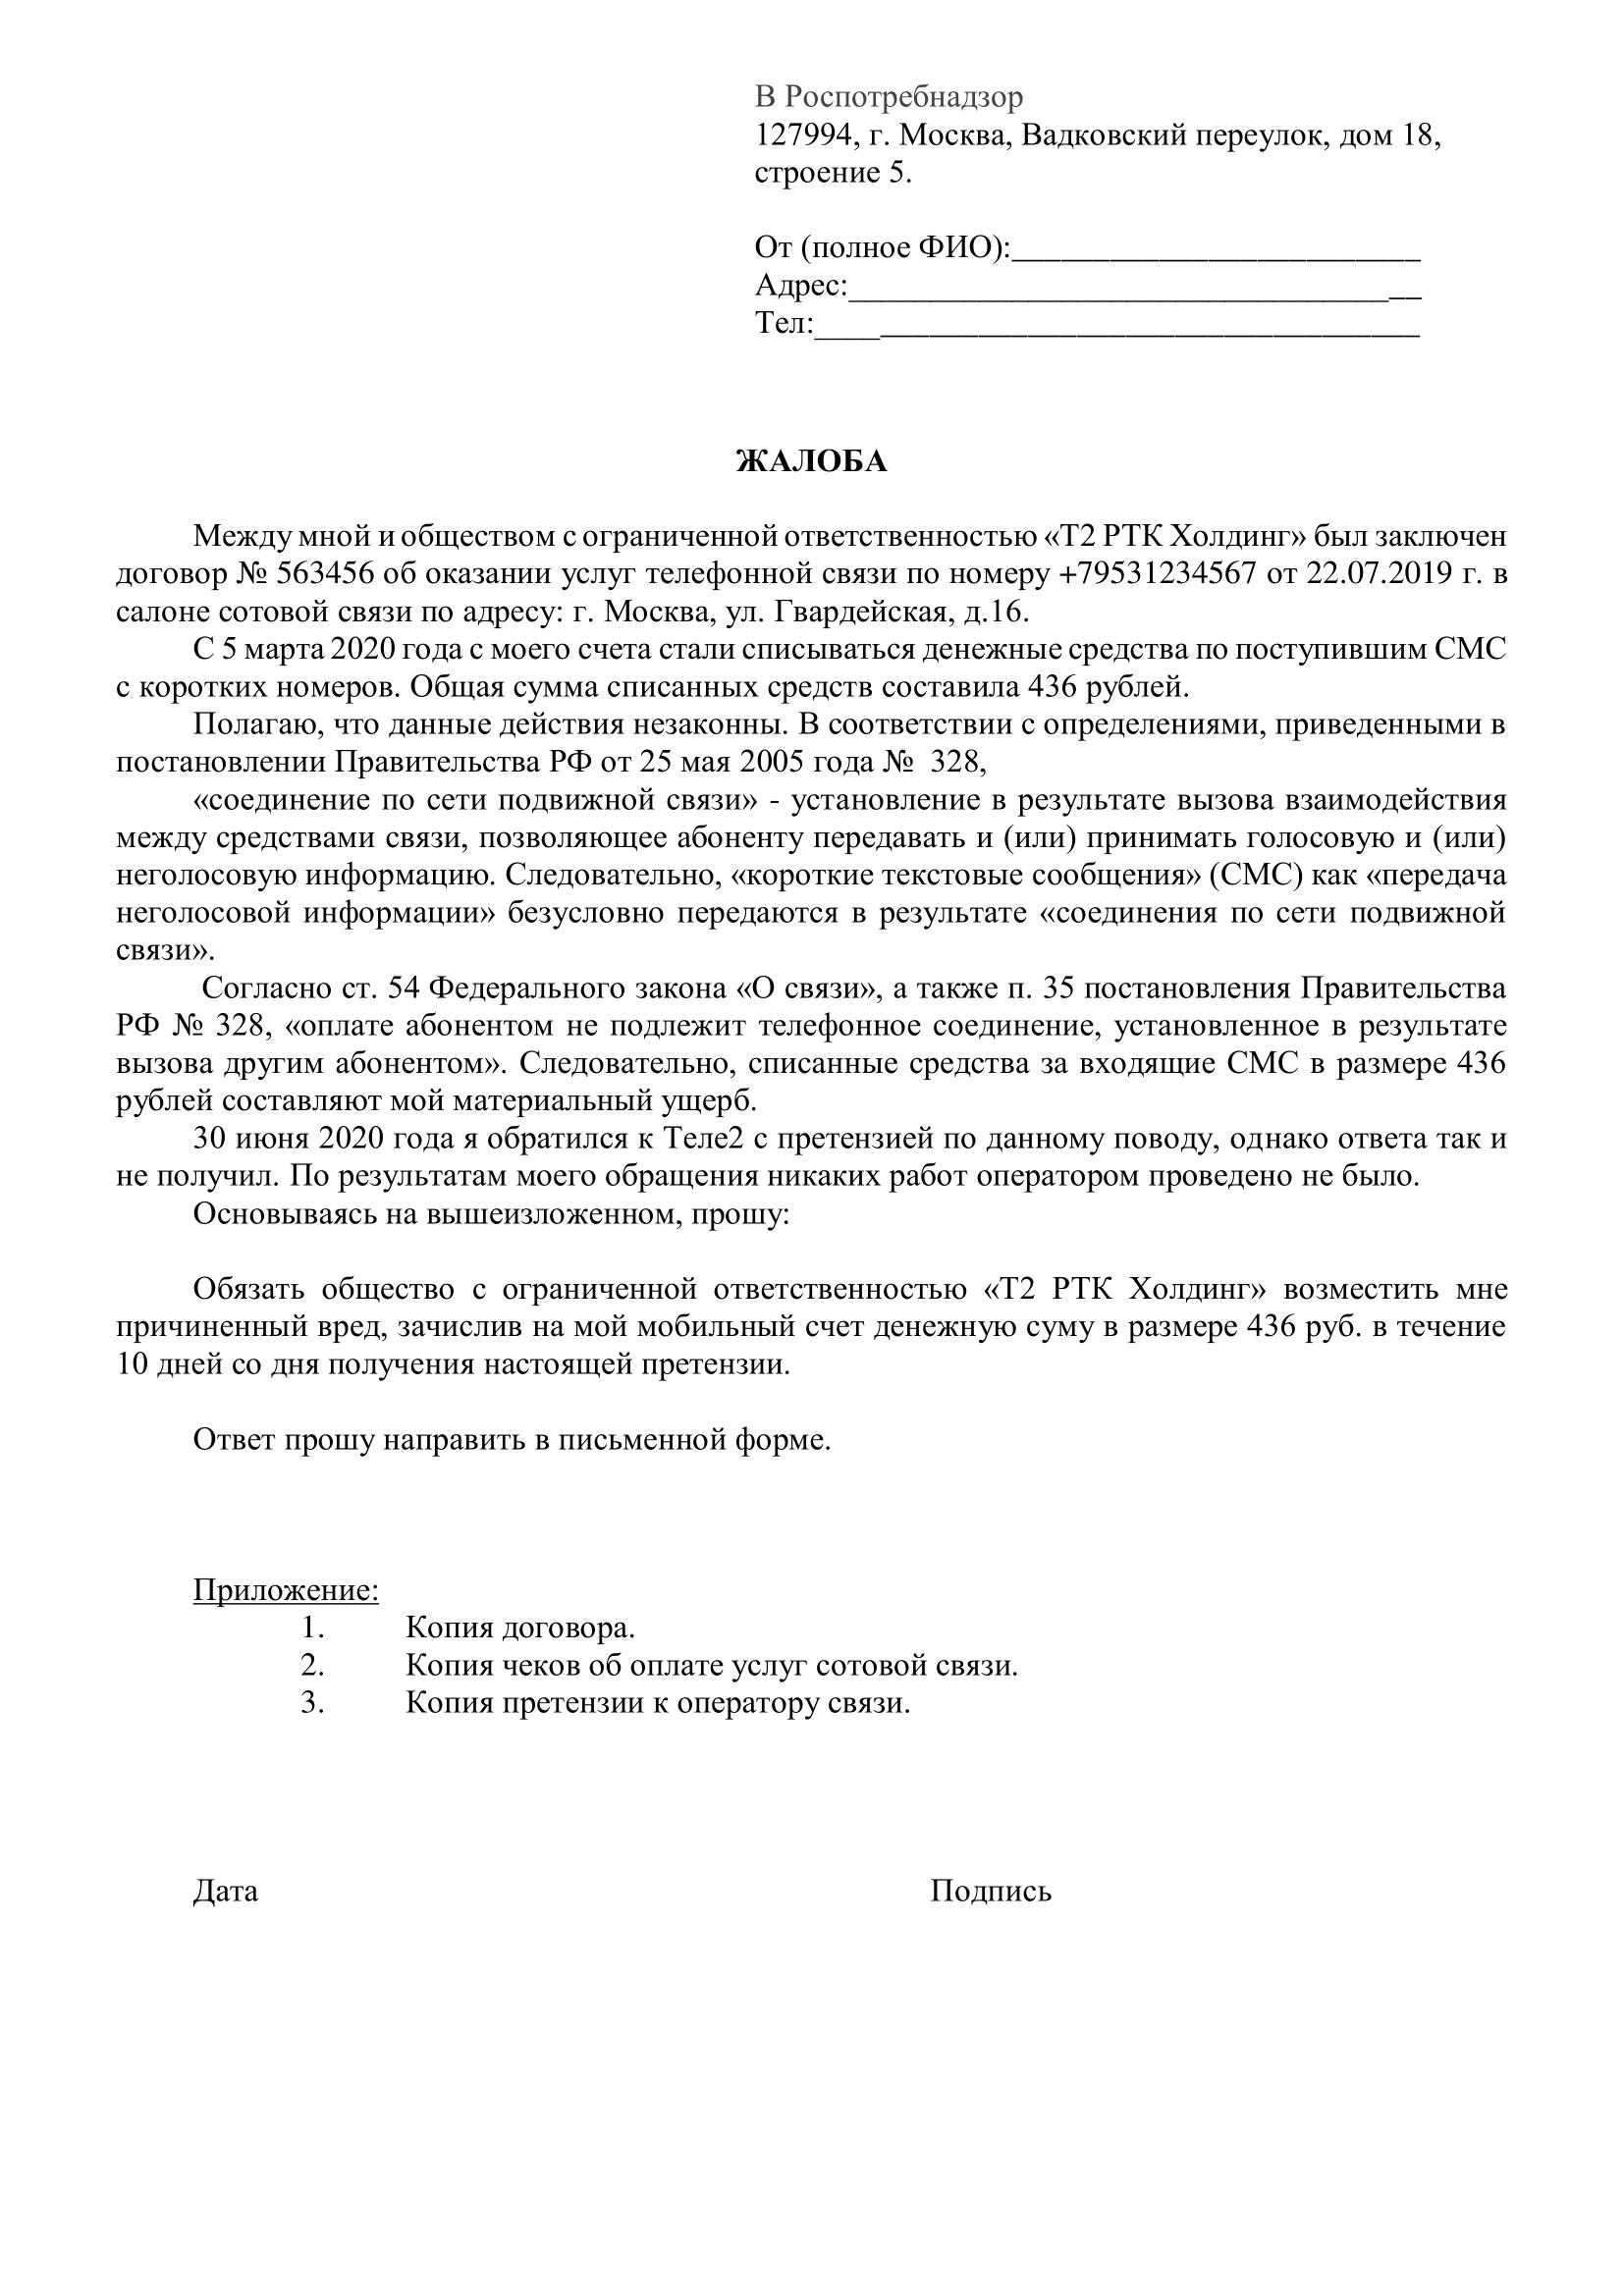 Образец жалобы на оператора Теле2